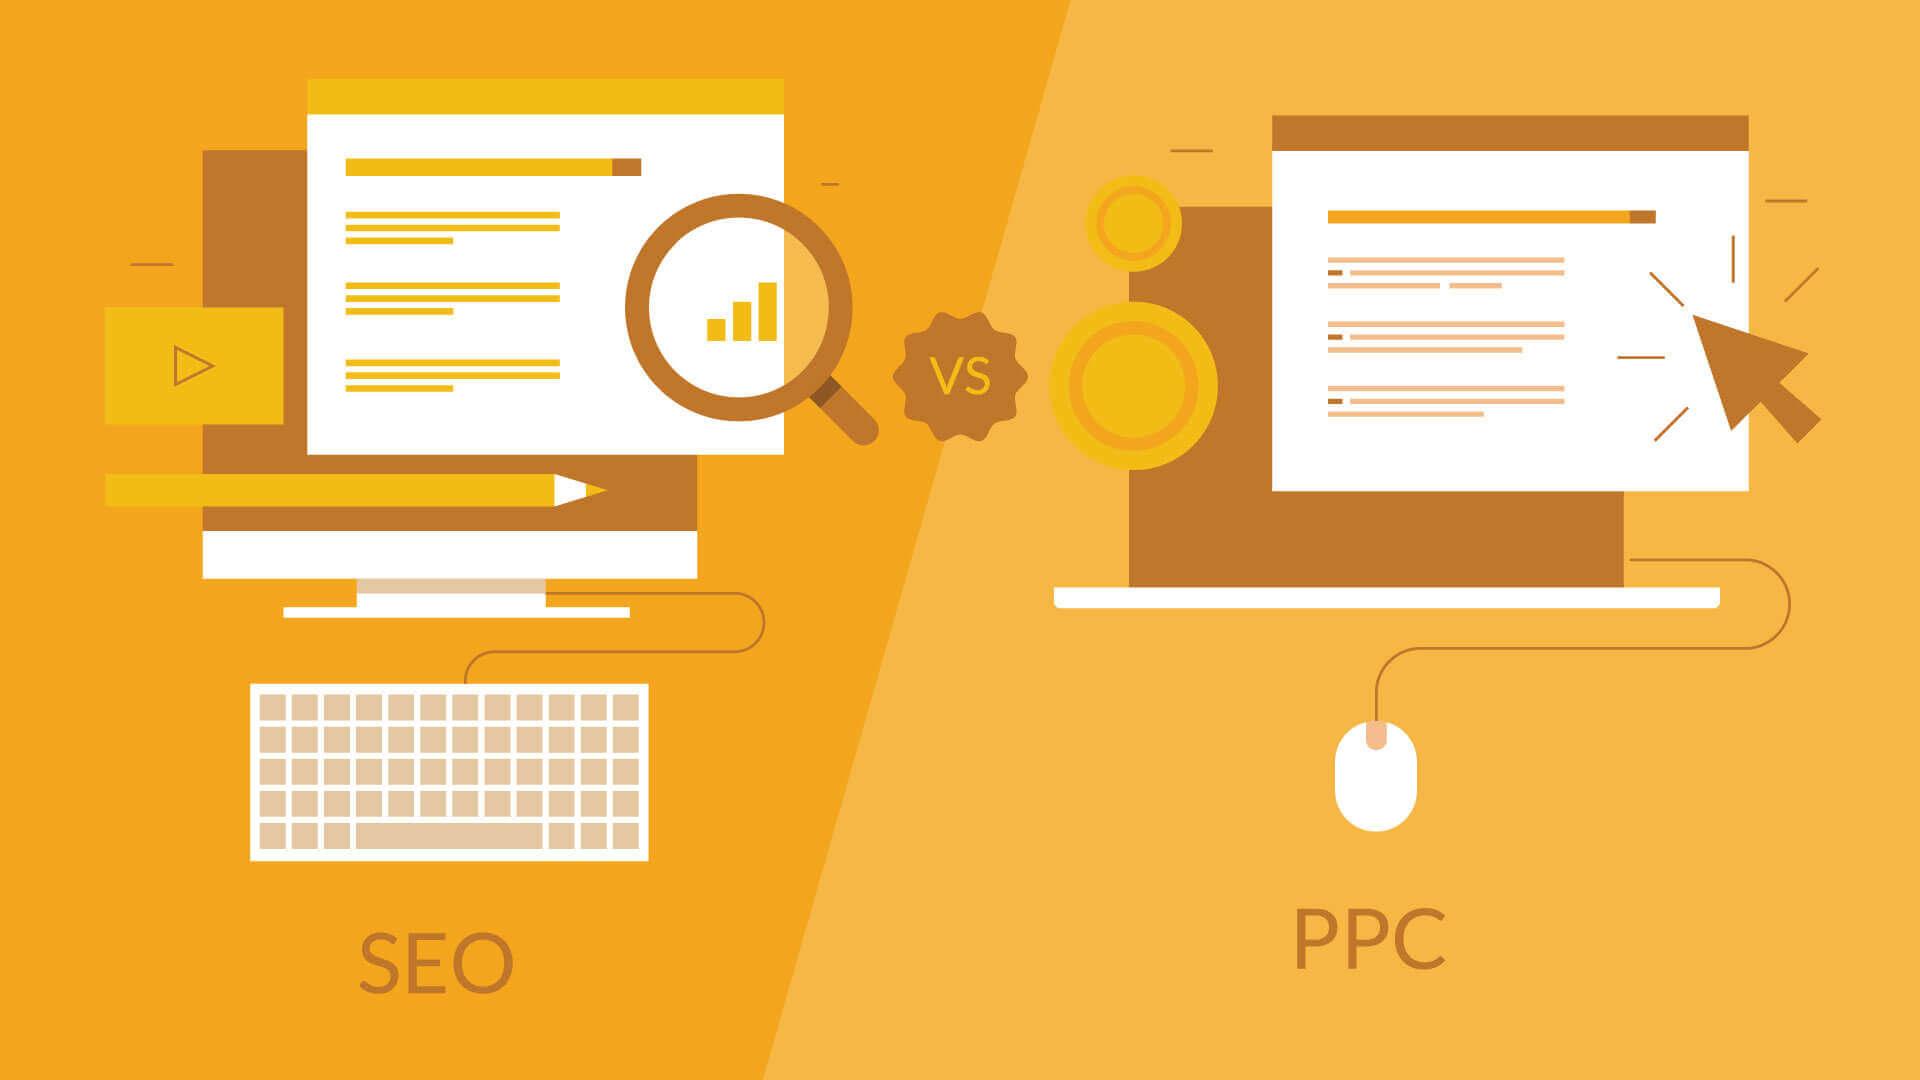 ¿SEO, PPC, o ambos? ¿Cuál es el correcto para su sitio web?